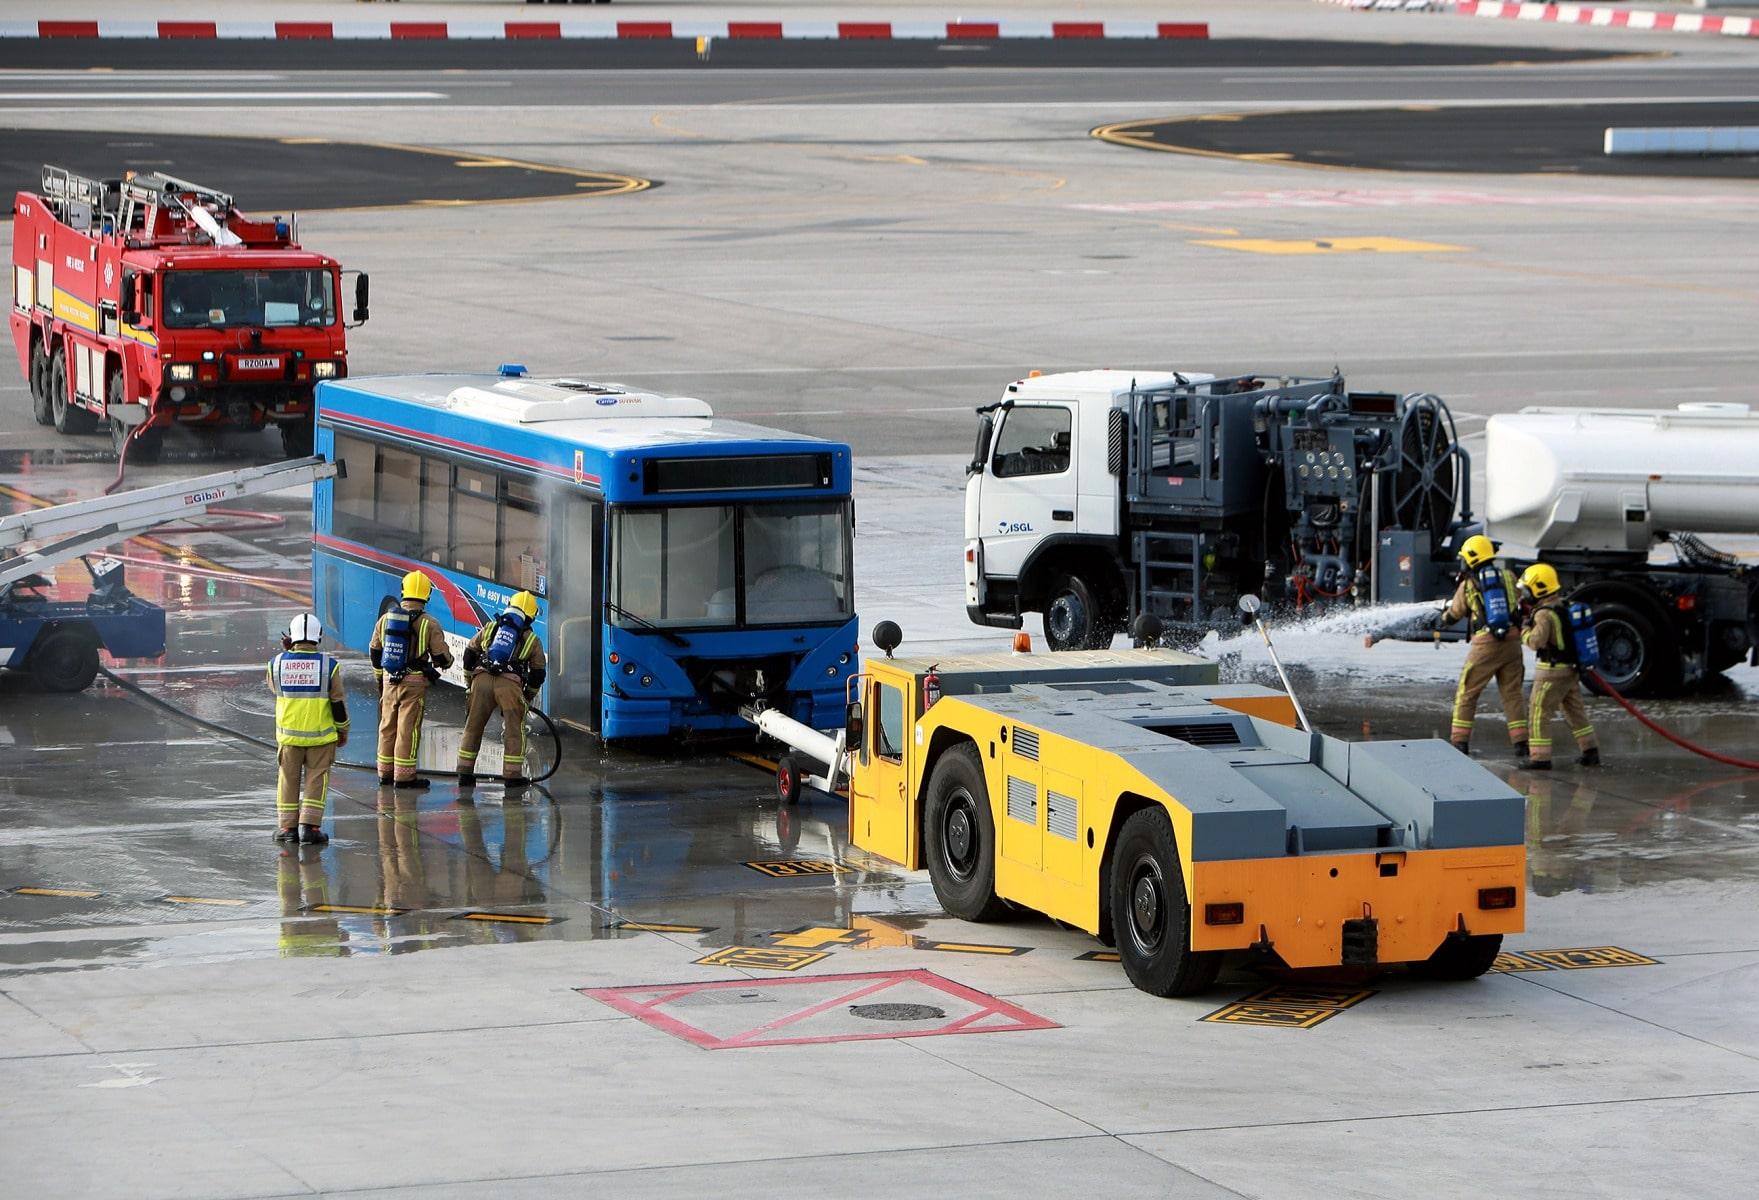 09-feb-2016-simulacro-de-incidente-en-el-aeropuerto-de-gibraltar_24619511350_o